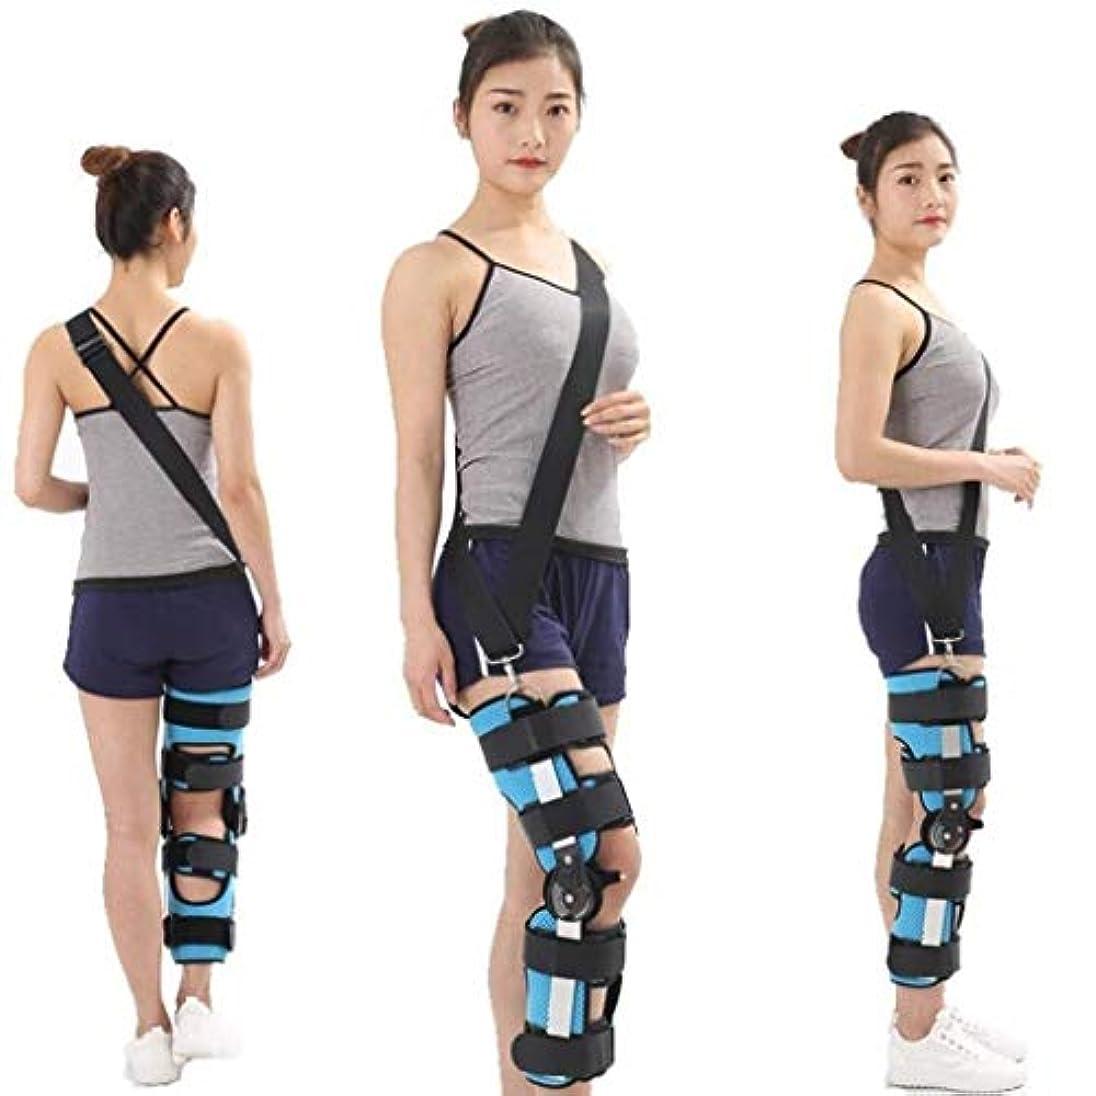 コスト難しい下ヒンジ付き膝装具-怪我、治療、サポート、痛みの軽減のための調節可能な靭帯サポート